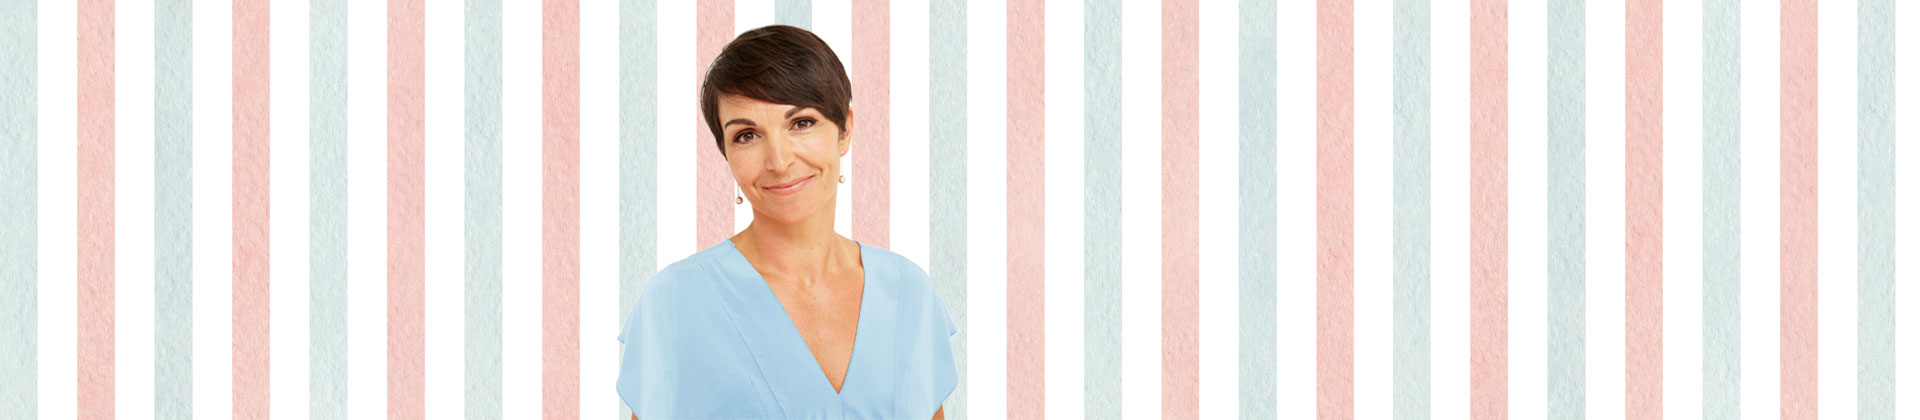 Dr Joanna slide one